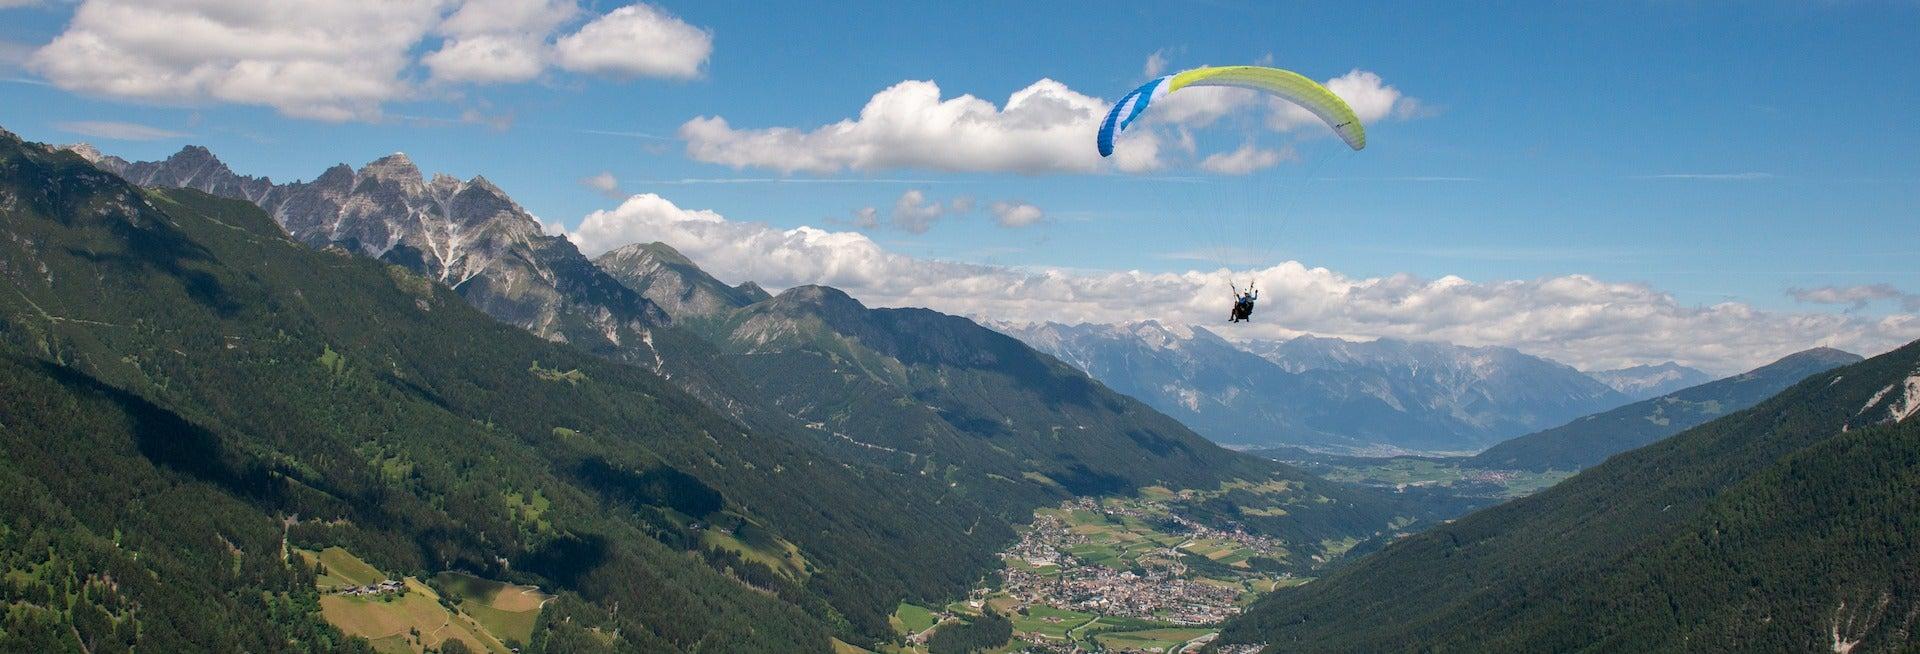 Volo in parapendio nel Tirolo